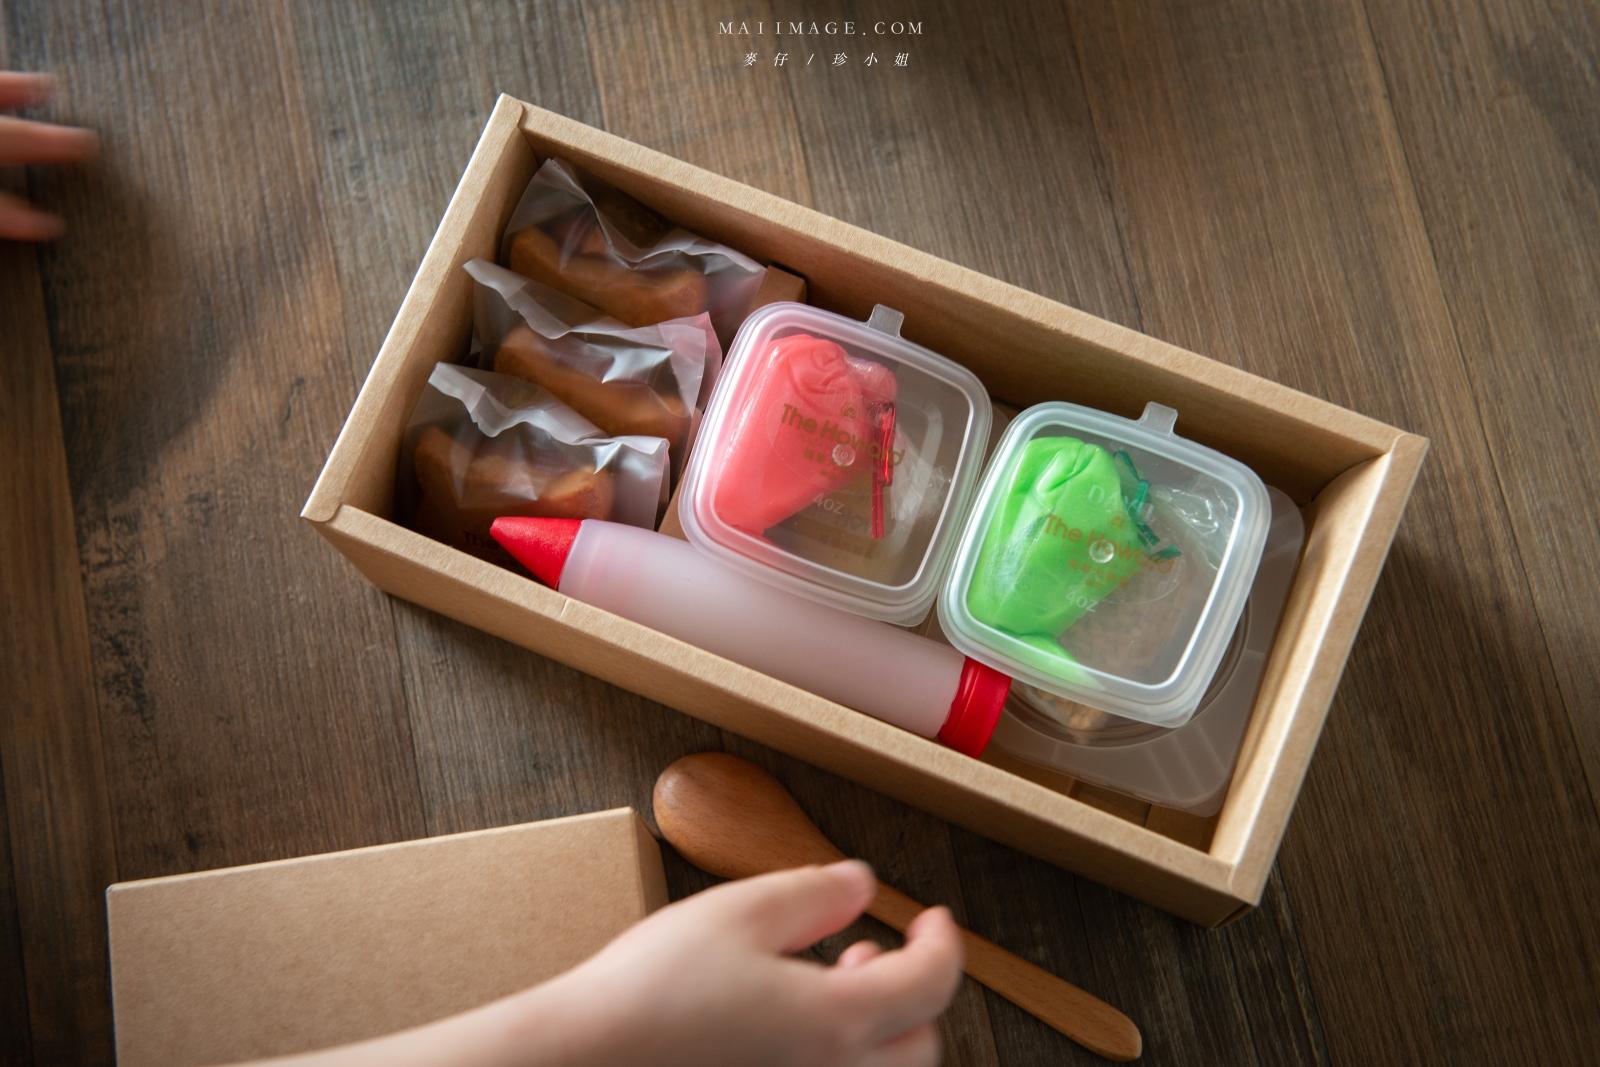 親子手作 有了這盒餅乾爸媽超省力~福華飯店點心坊DIY餅乾!台北福華飯店美食